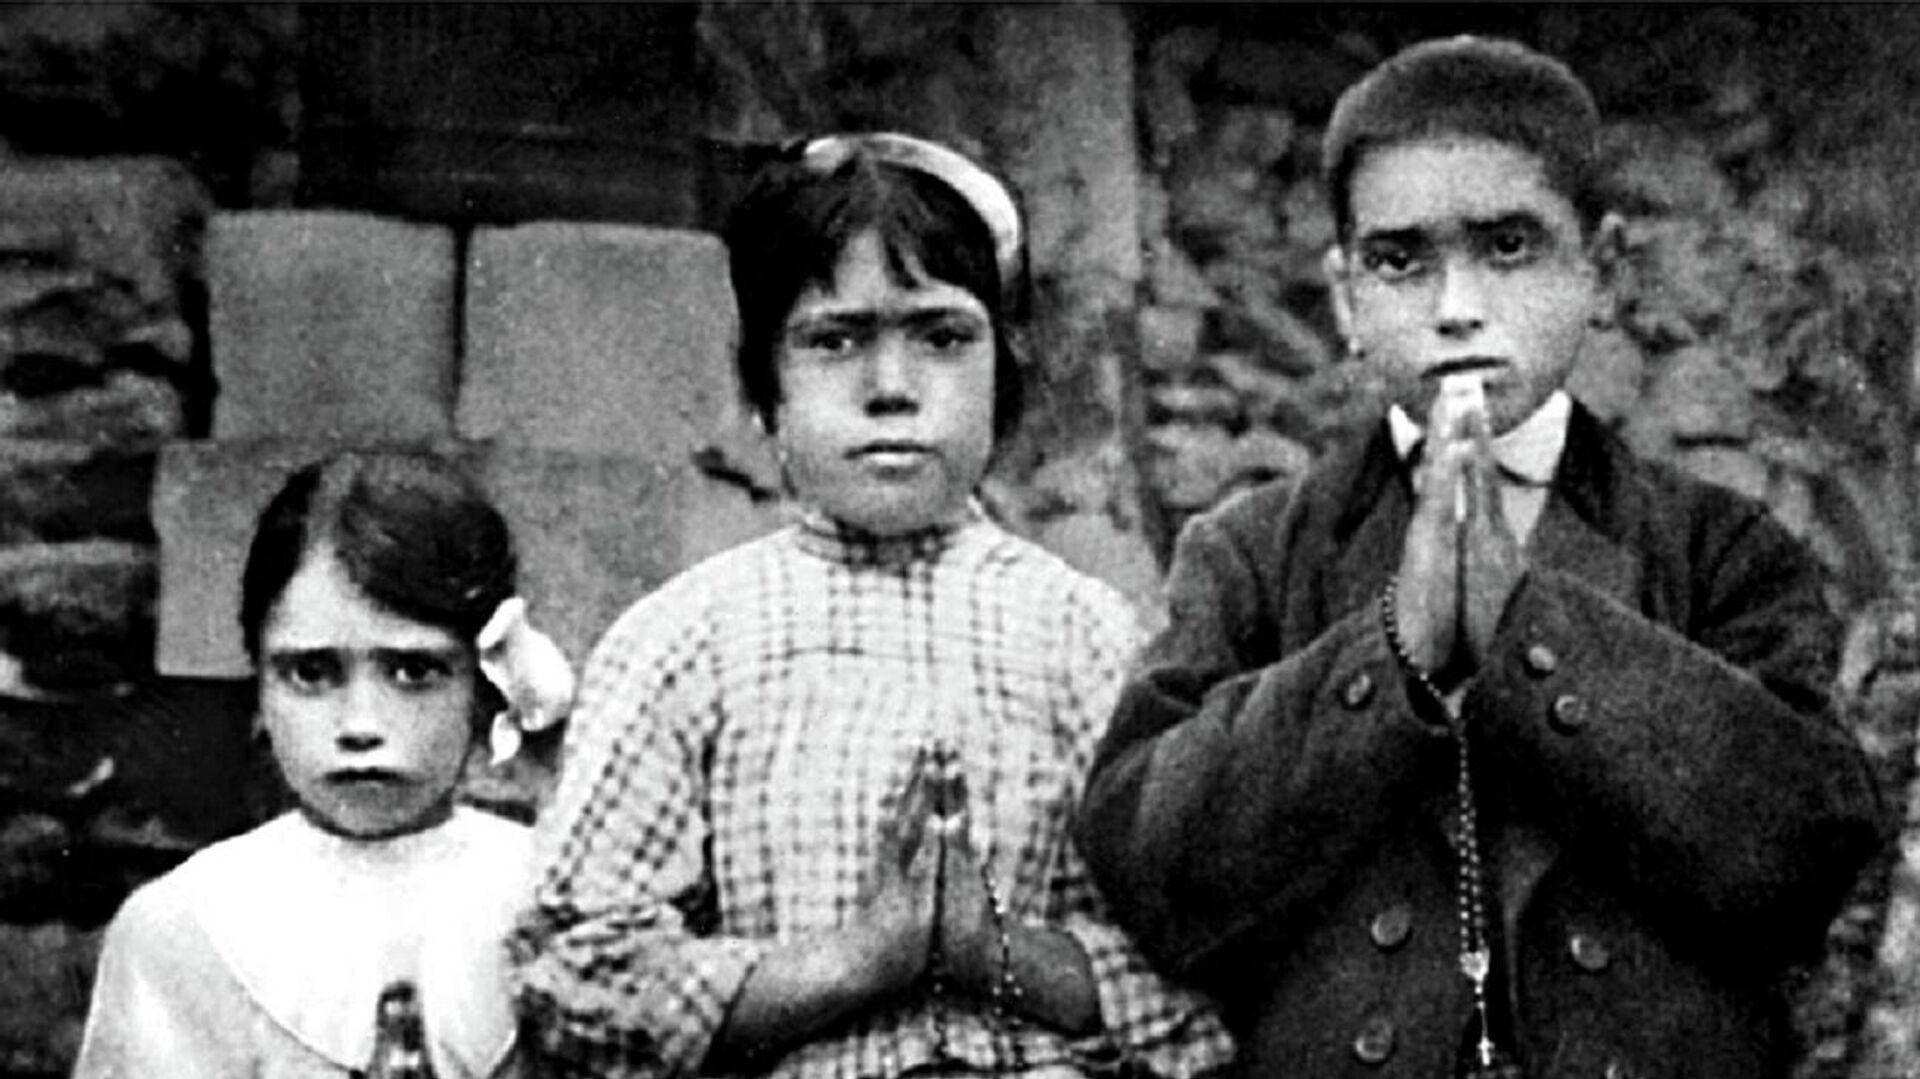 Los pastorcitos Lucía Dos Santos, Jacinta Marto y Francisco Marto en 1917 - Sputnik Mundo, 1920, 13.05.2021